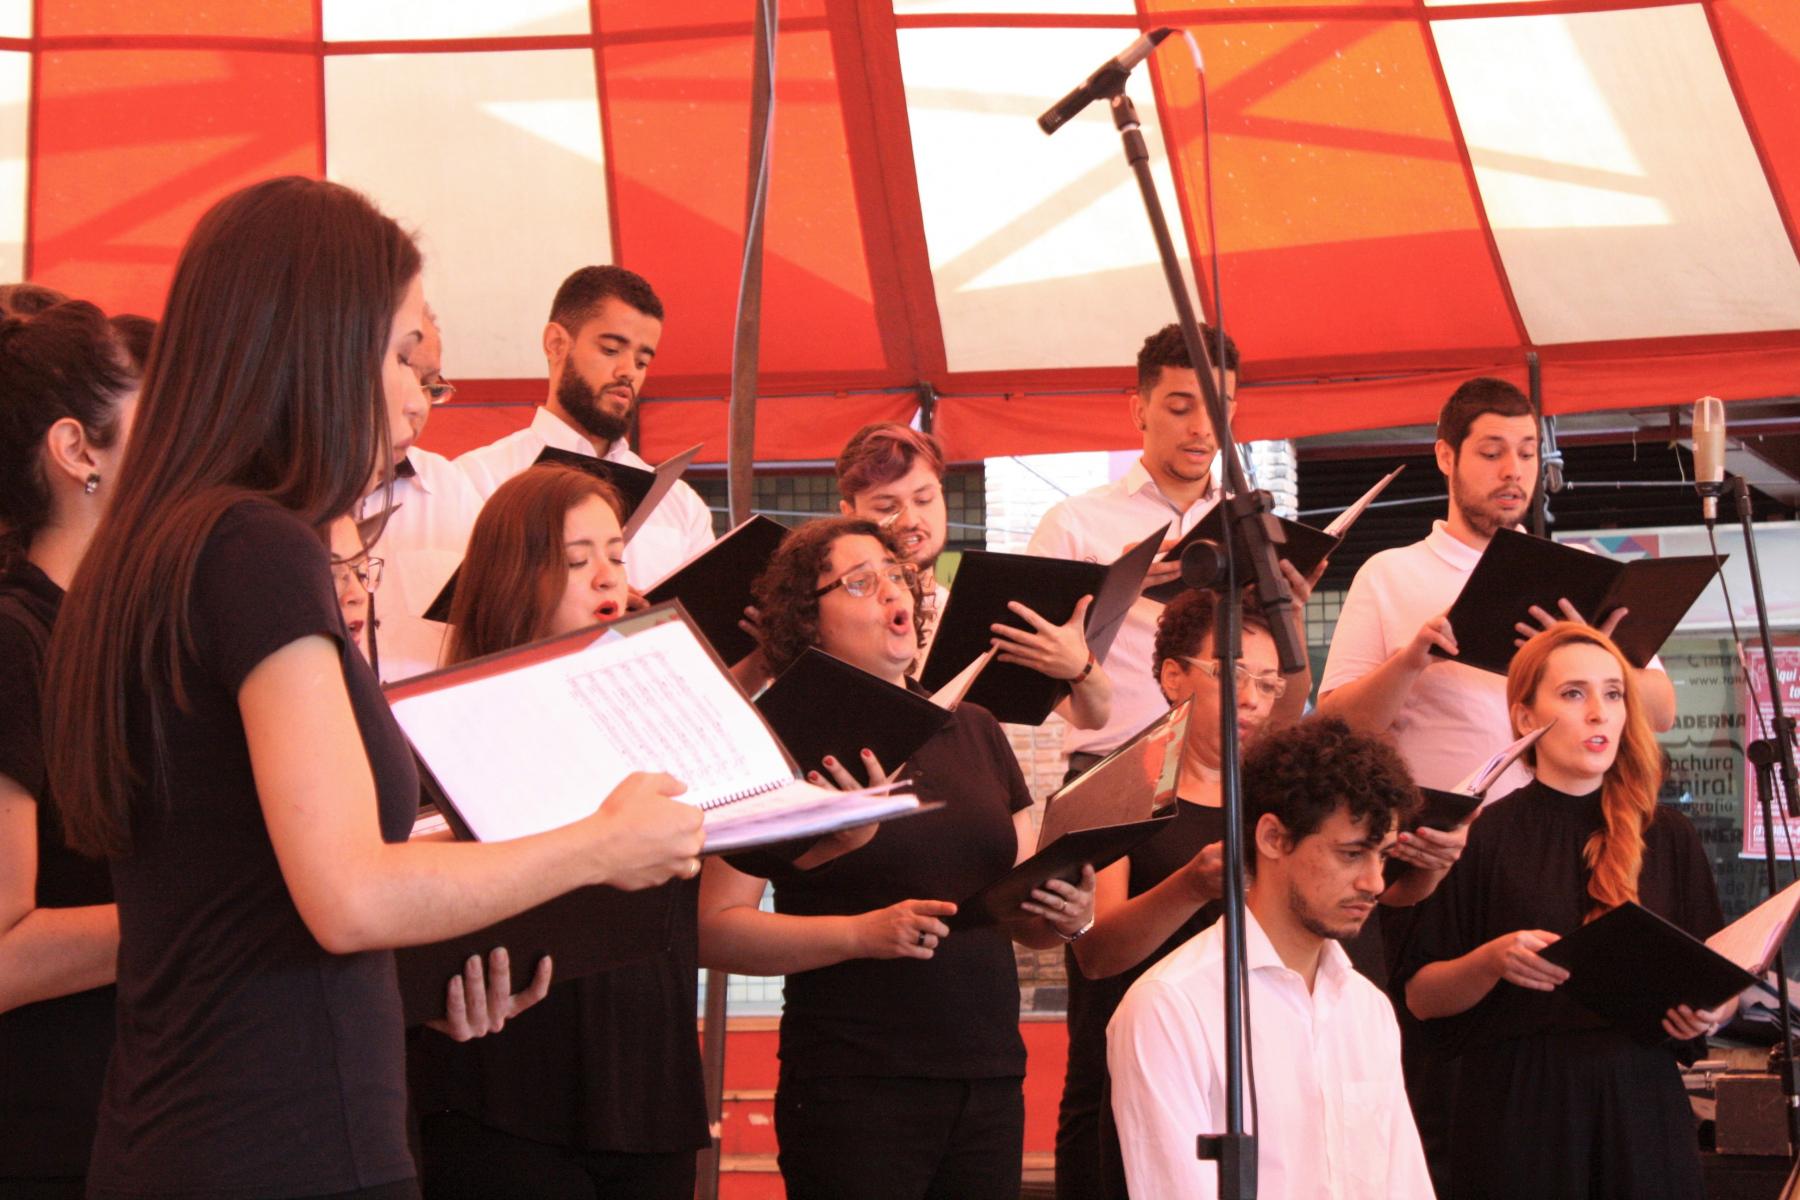 """Concerto """"O coro é pop!"""", parte do projeto Quarta Doze e Trinta, no dia 28 de agosto de 2019, na Praça de Serviços da UFMG, sob regência do maestro Lincoln Andrade.  Foto: Beatriz Cordeiro"""